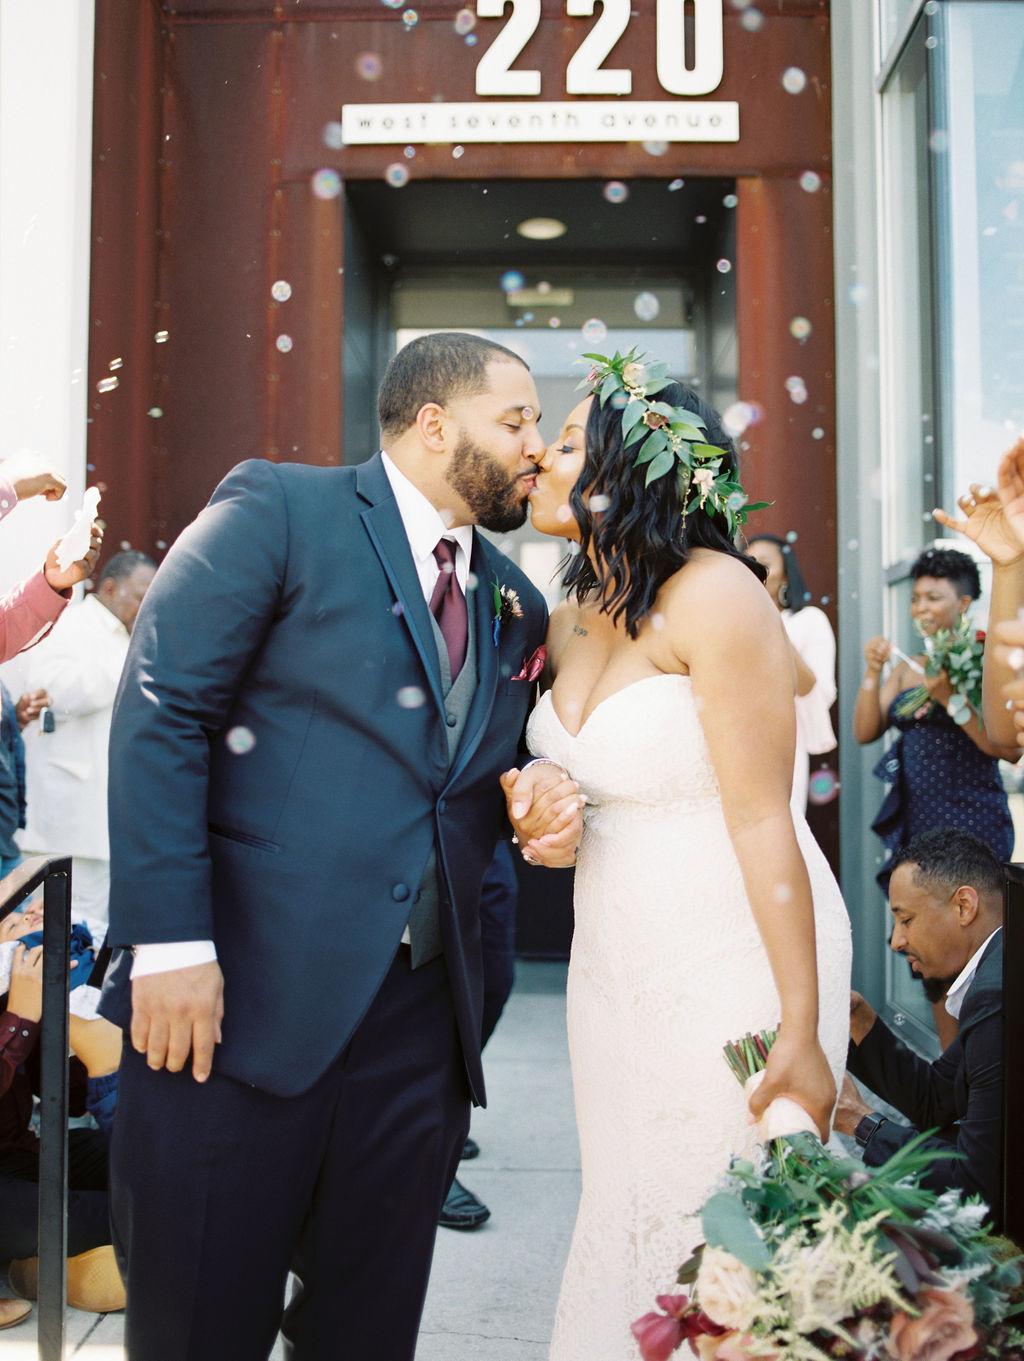 nishea and anthony wedding exit